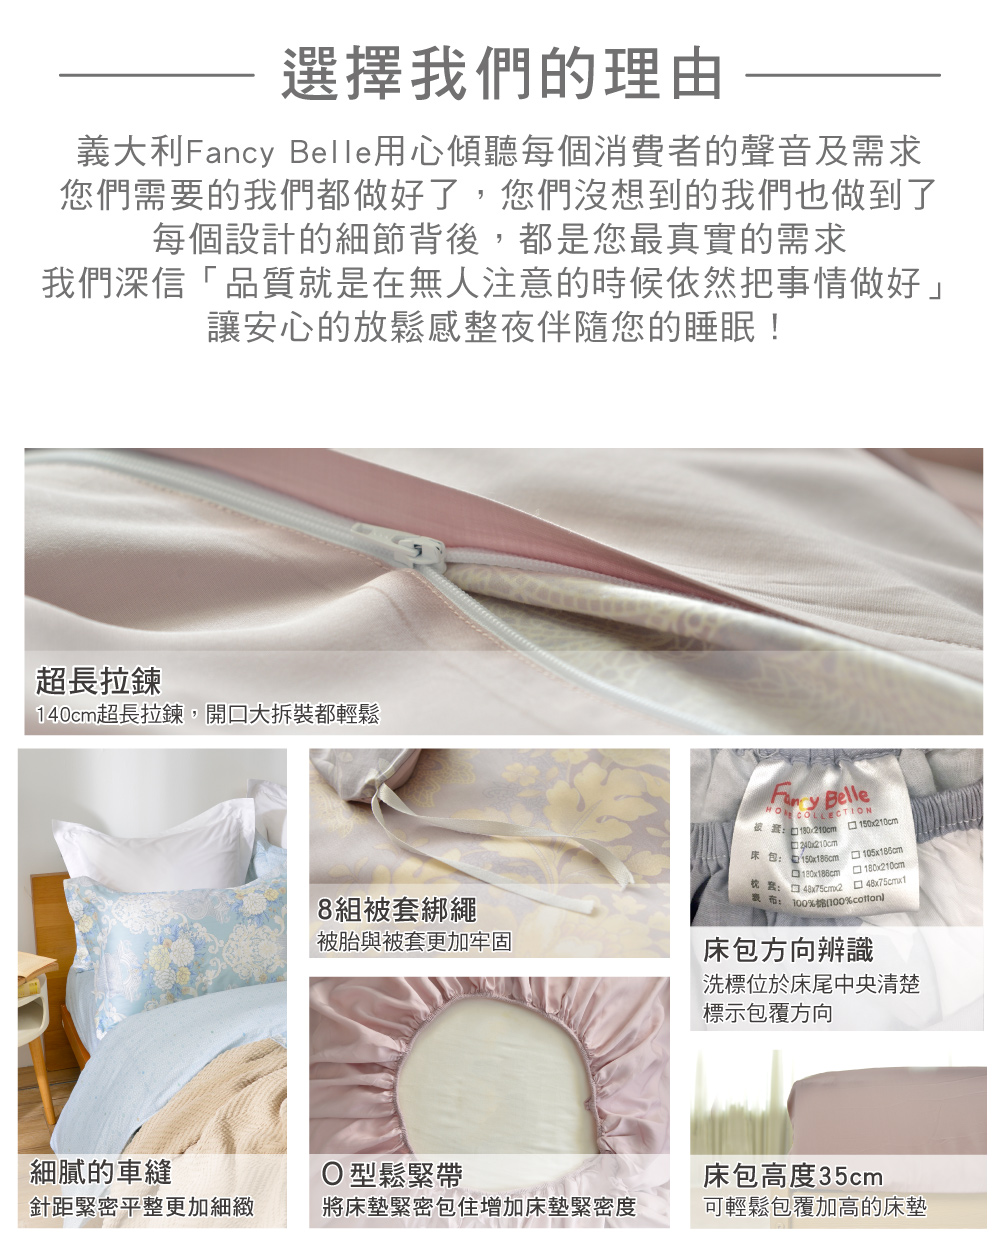 特賣《草泥馬家族》單人純棉防蹣抗菌吸濕排汗兩用被床包組(BFL19550LS)